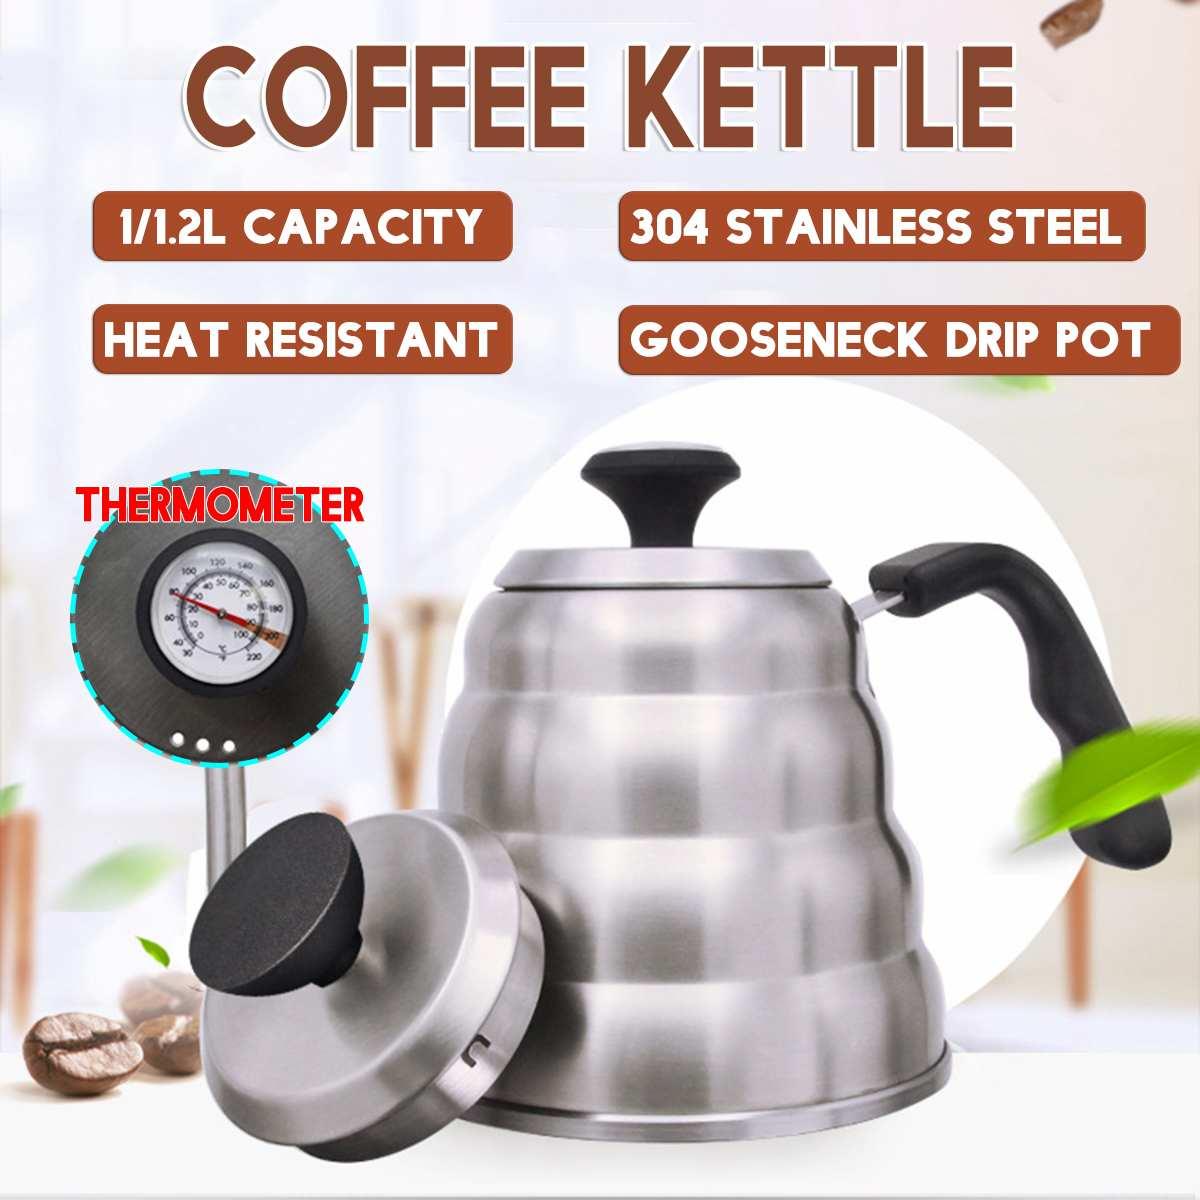 1,2 л кофейник из нержавеющей стали с термометром, чайник с длинным носиком, гусиная шея, капельный чайник, термо-чайник, заварочный чайник